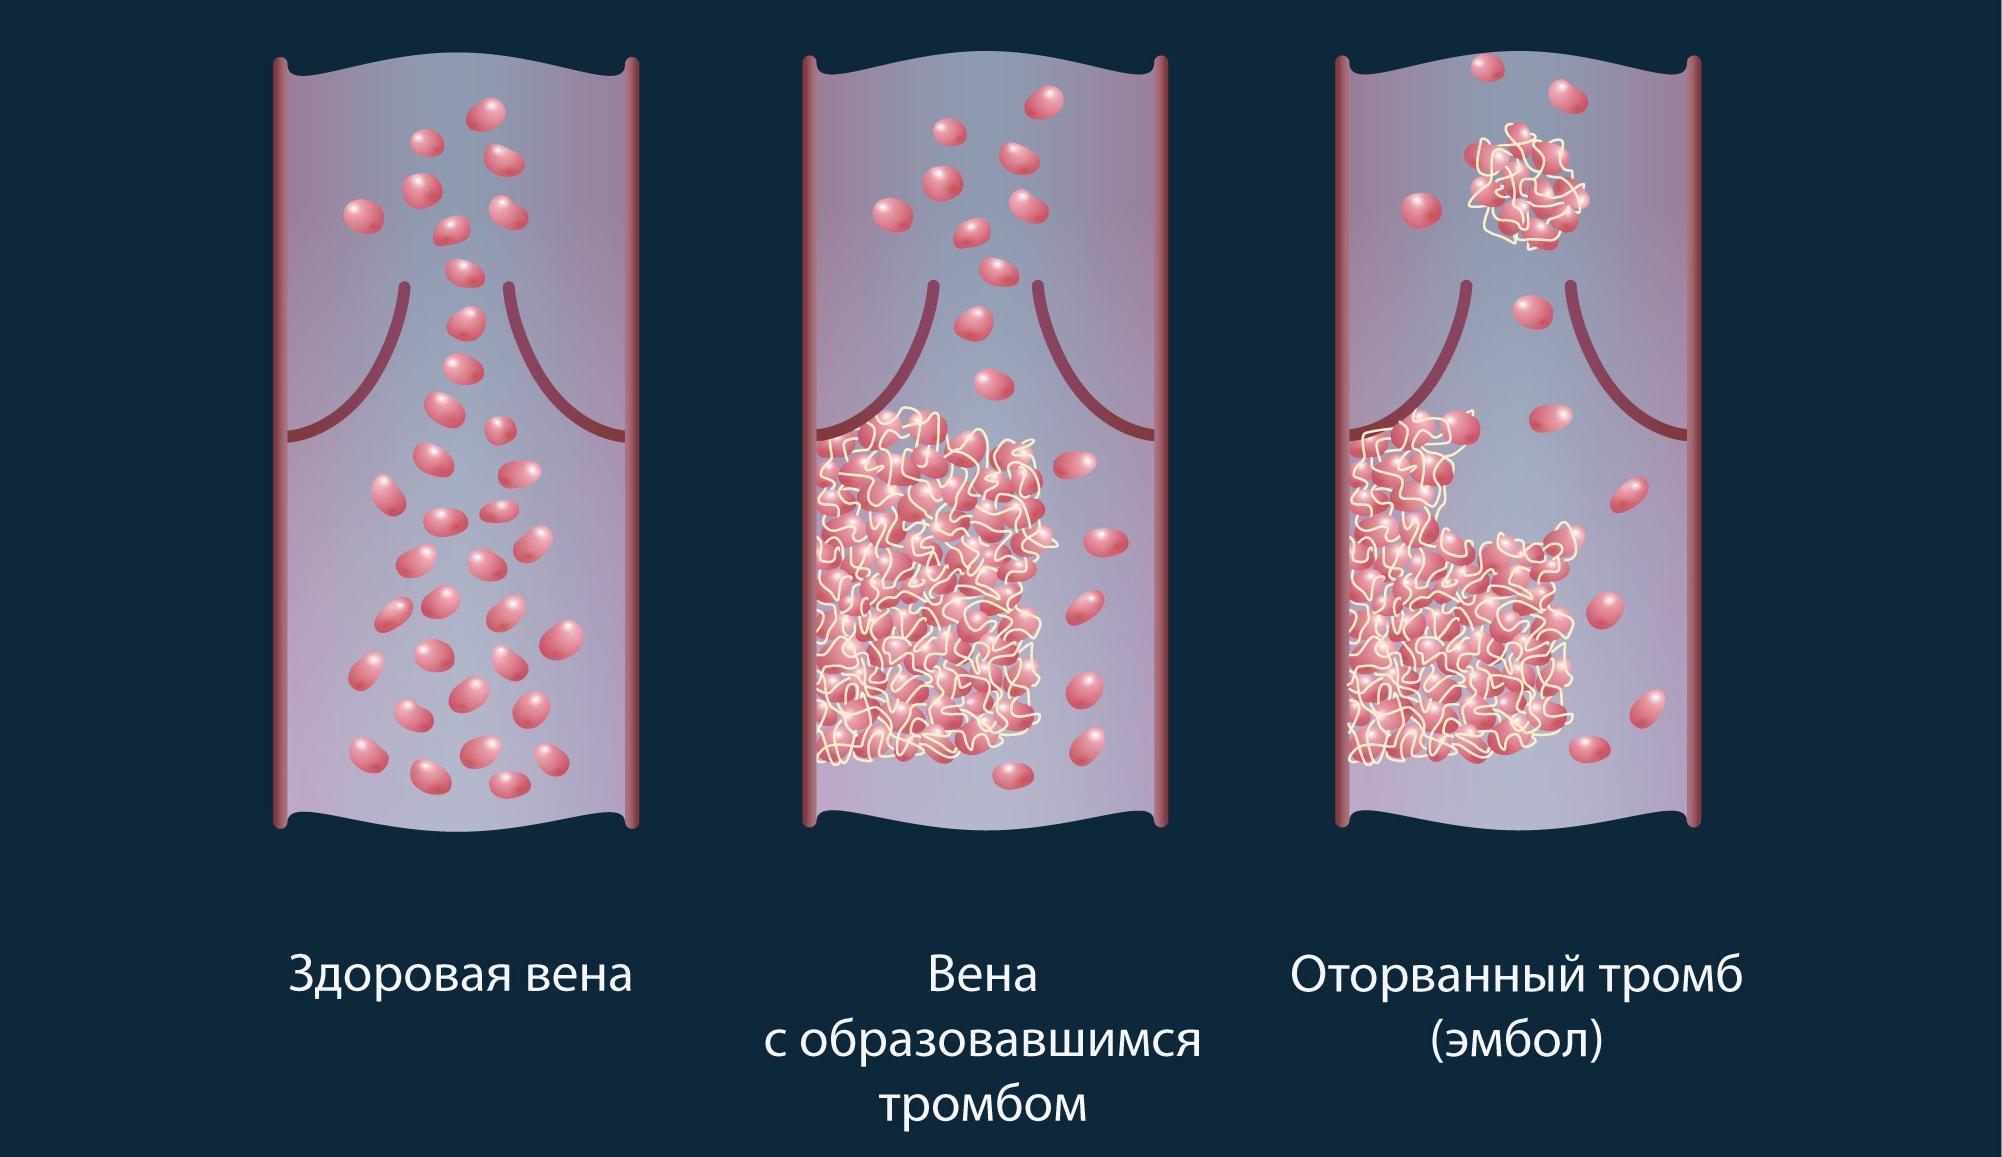 обнаружение тромбов